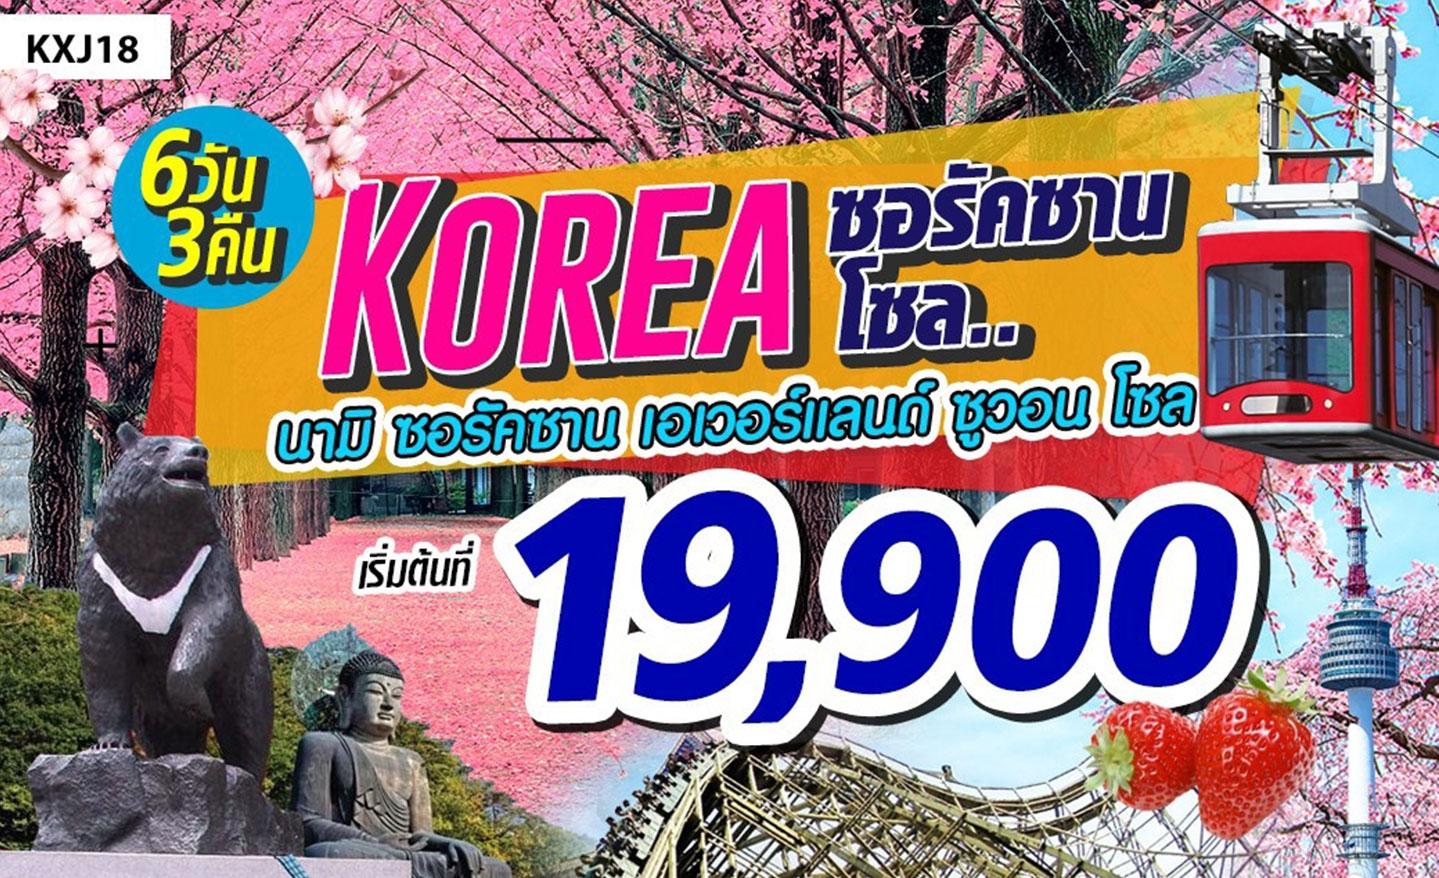 ทัวร์เกาหลี ซอรัคซาน ซูวอน โซล 6D3N (พีเรียดสงกรานต์)